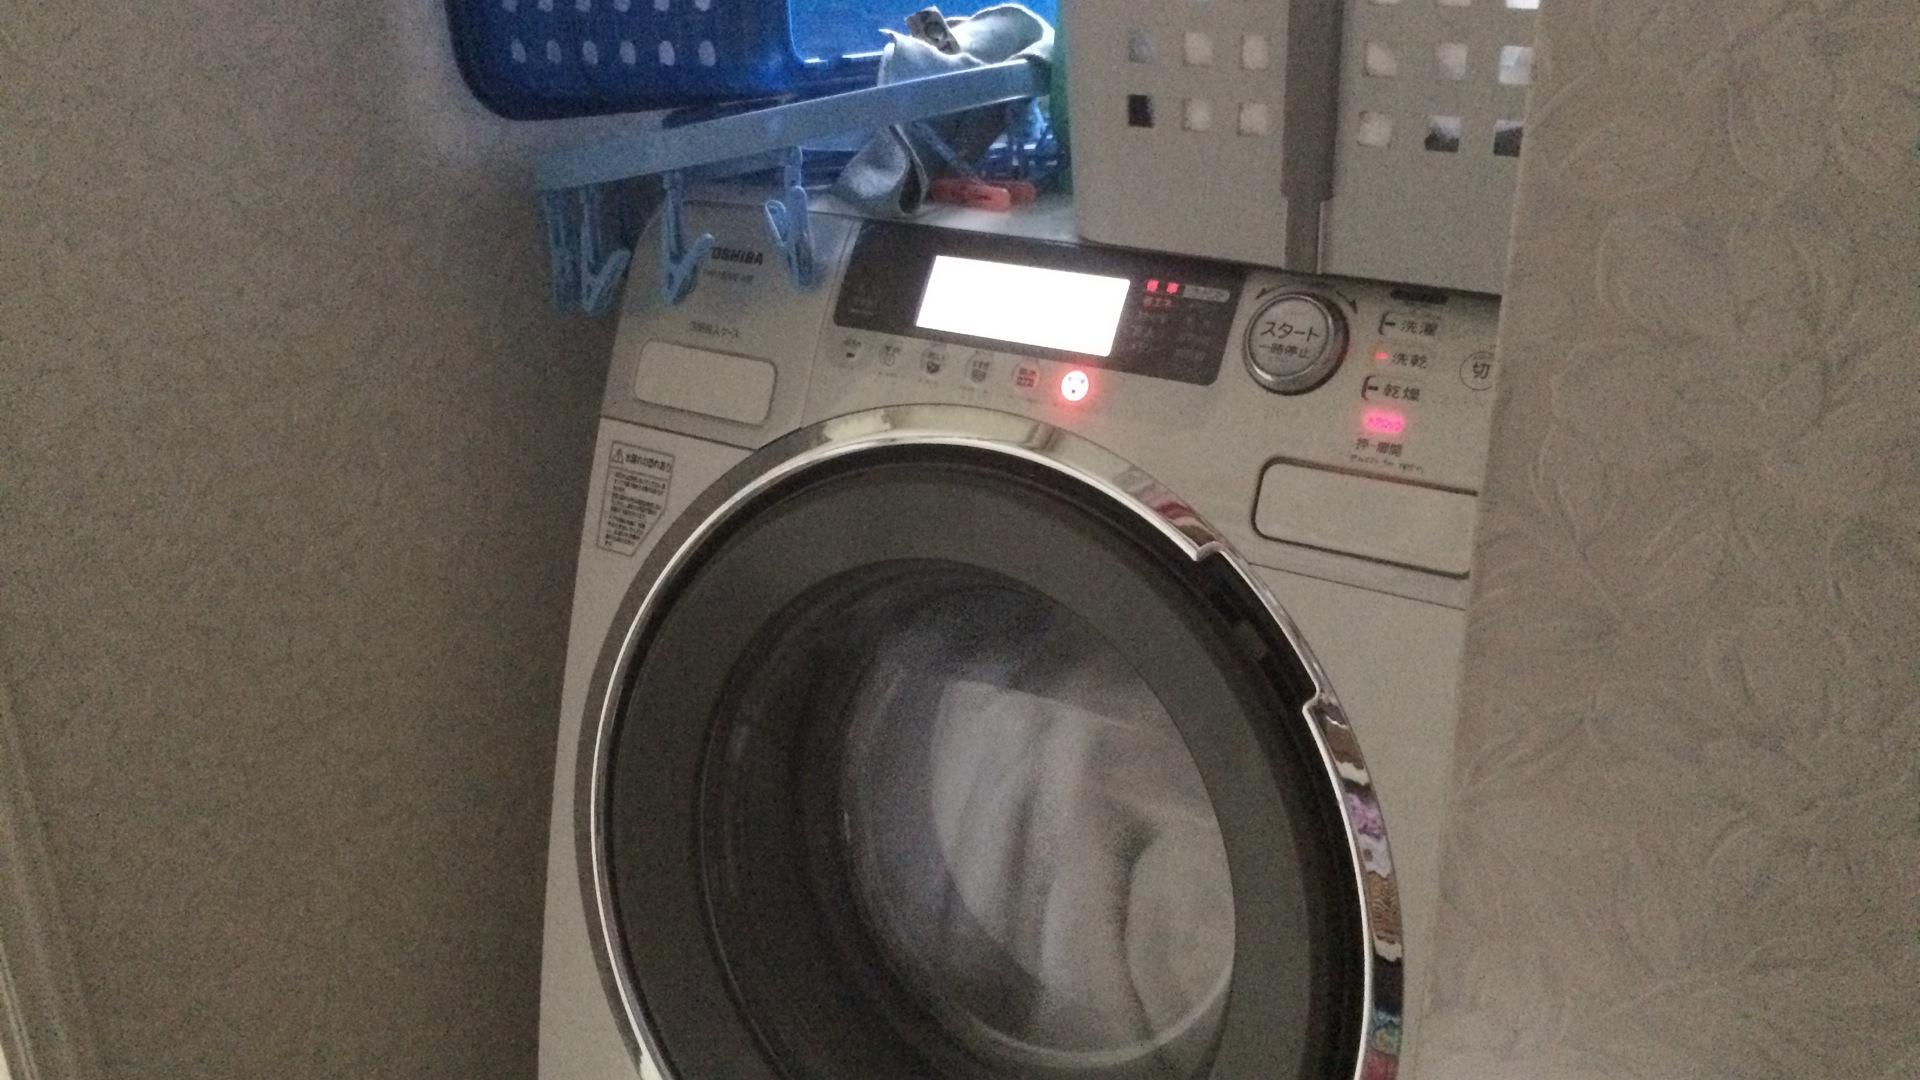 komfortable Reinigung